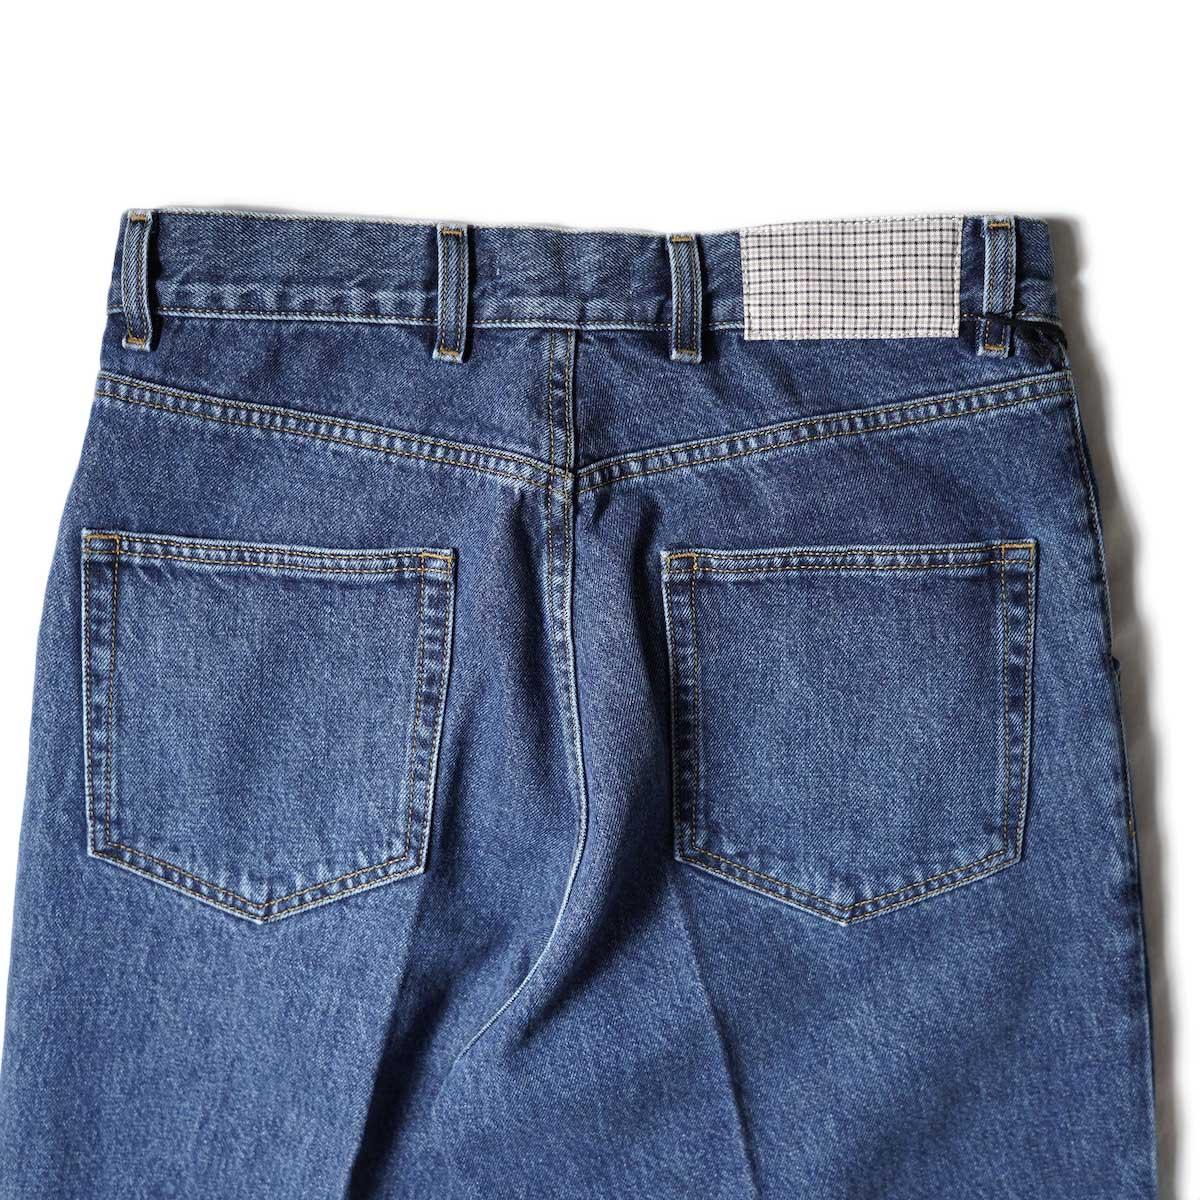 mfpen /BIG JEANS (Blue)ヒップポケット